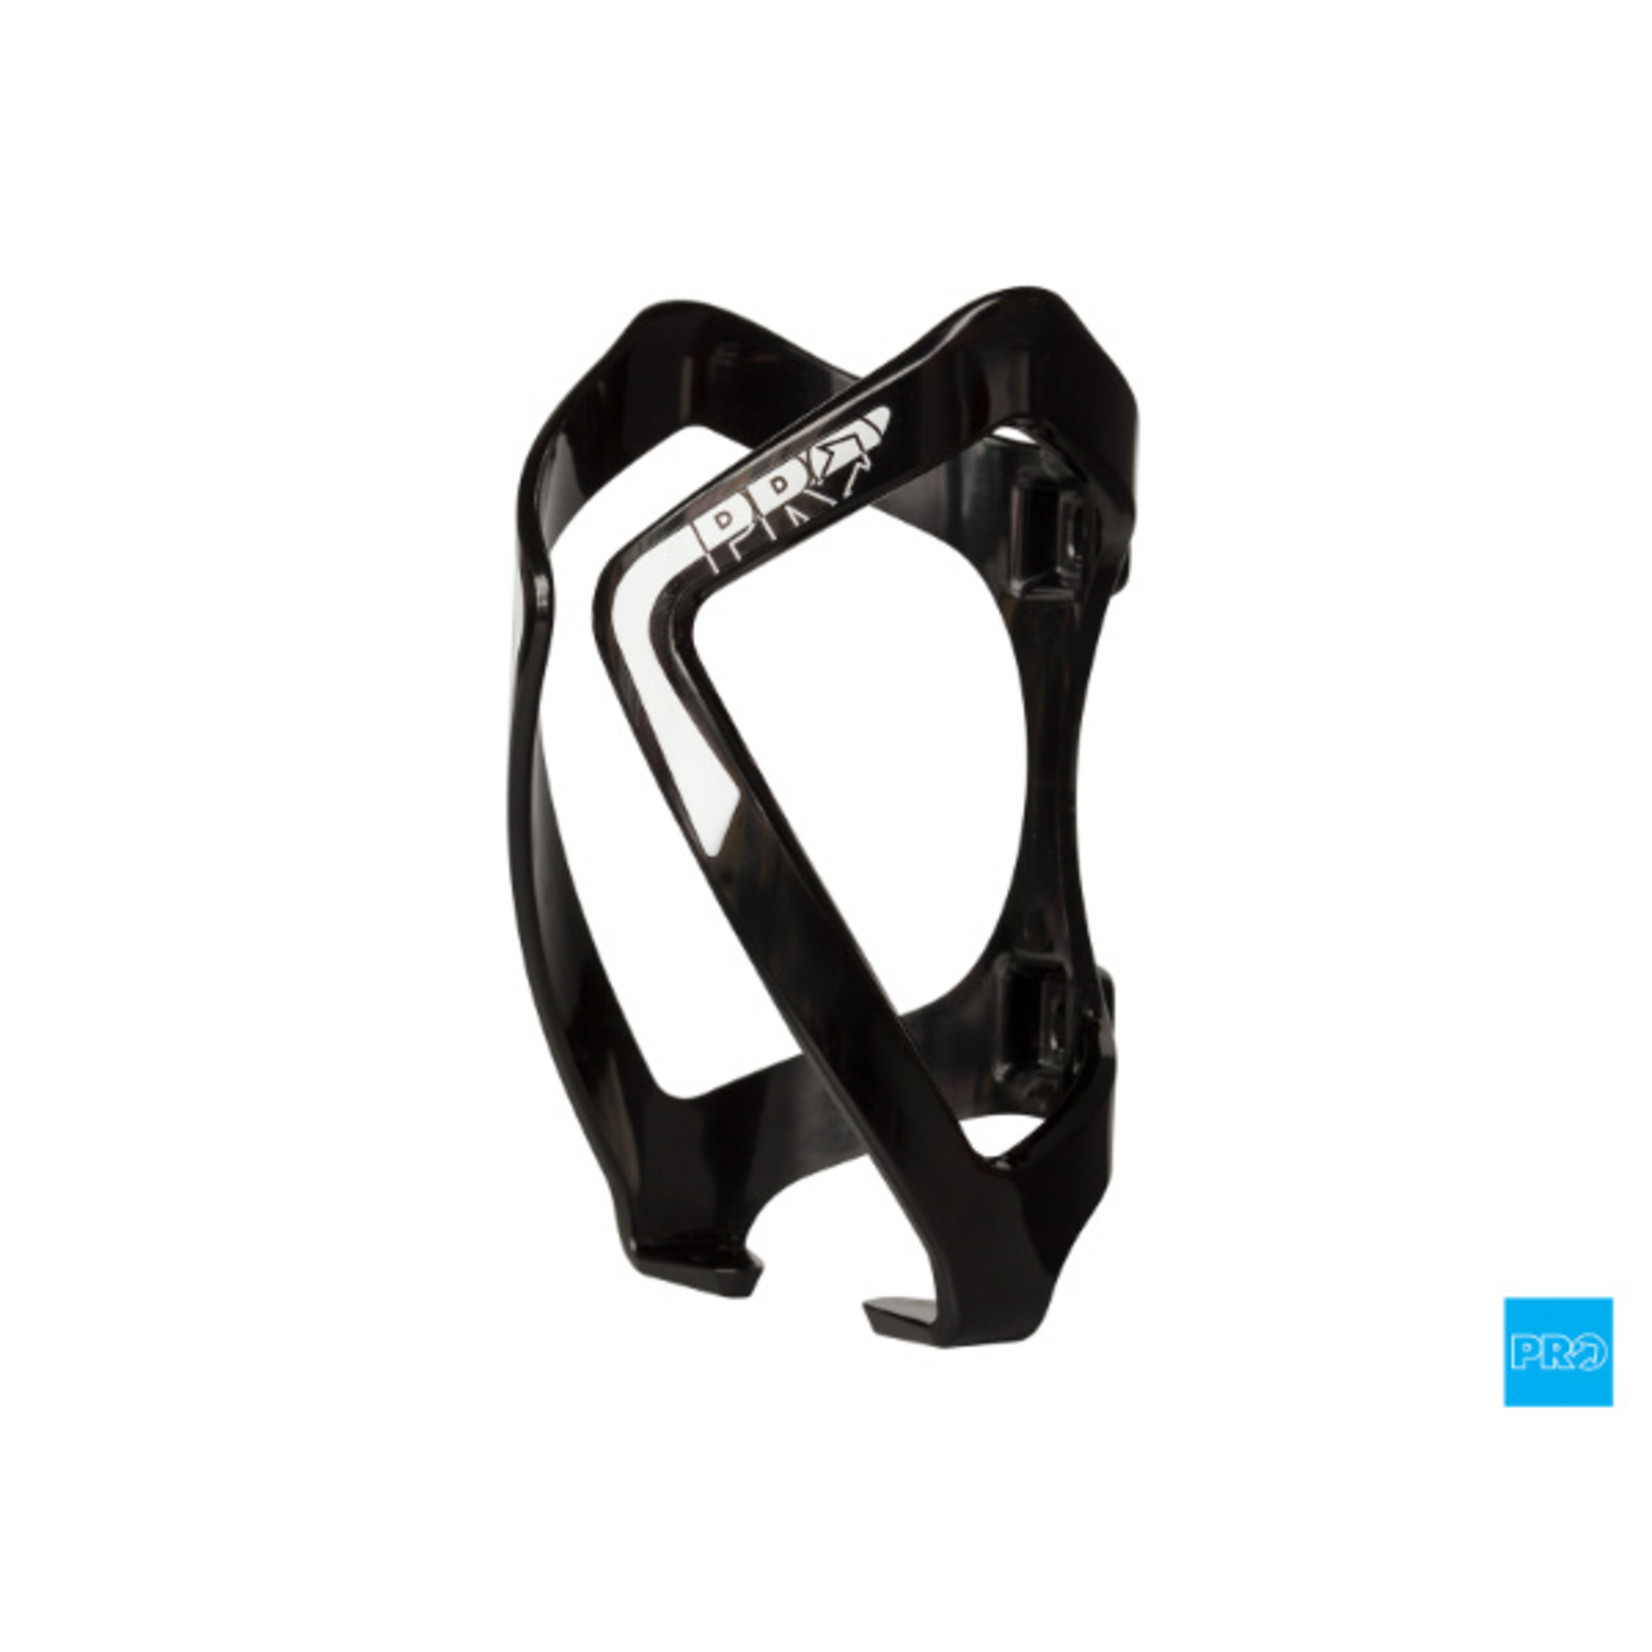 Pro Components Pro, Bottle Cage Polycarbonate Black/White